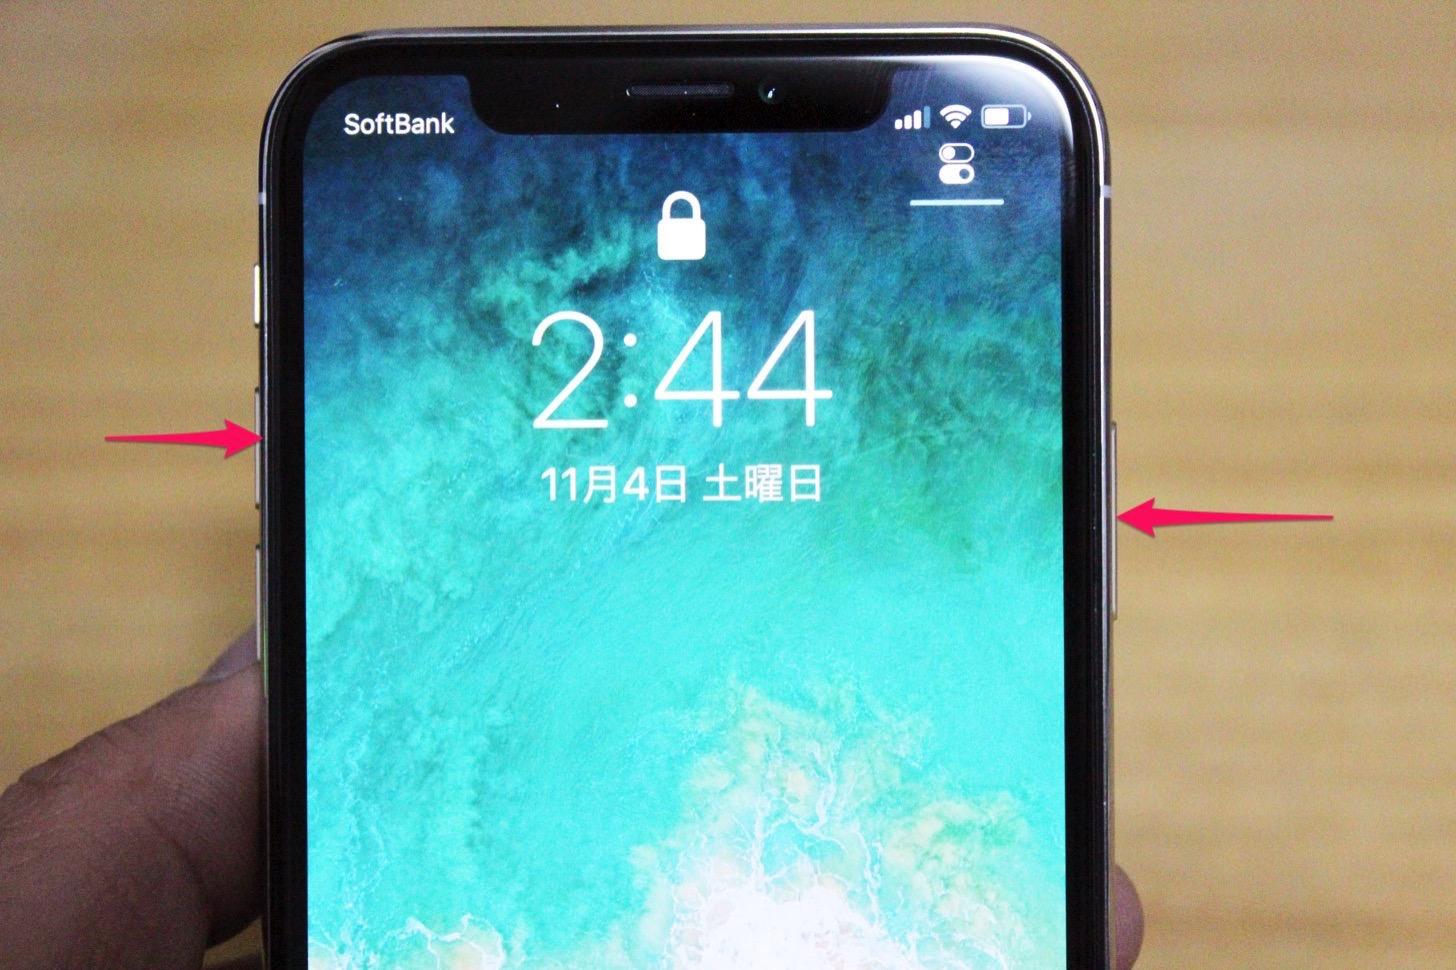 iPhone Xのスクリーンショットの撮り方。